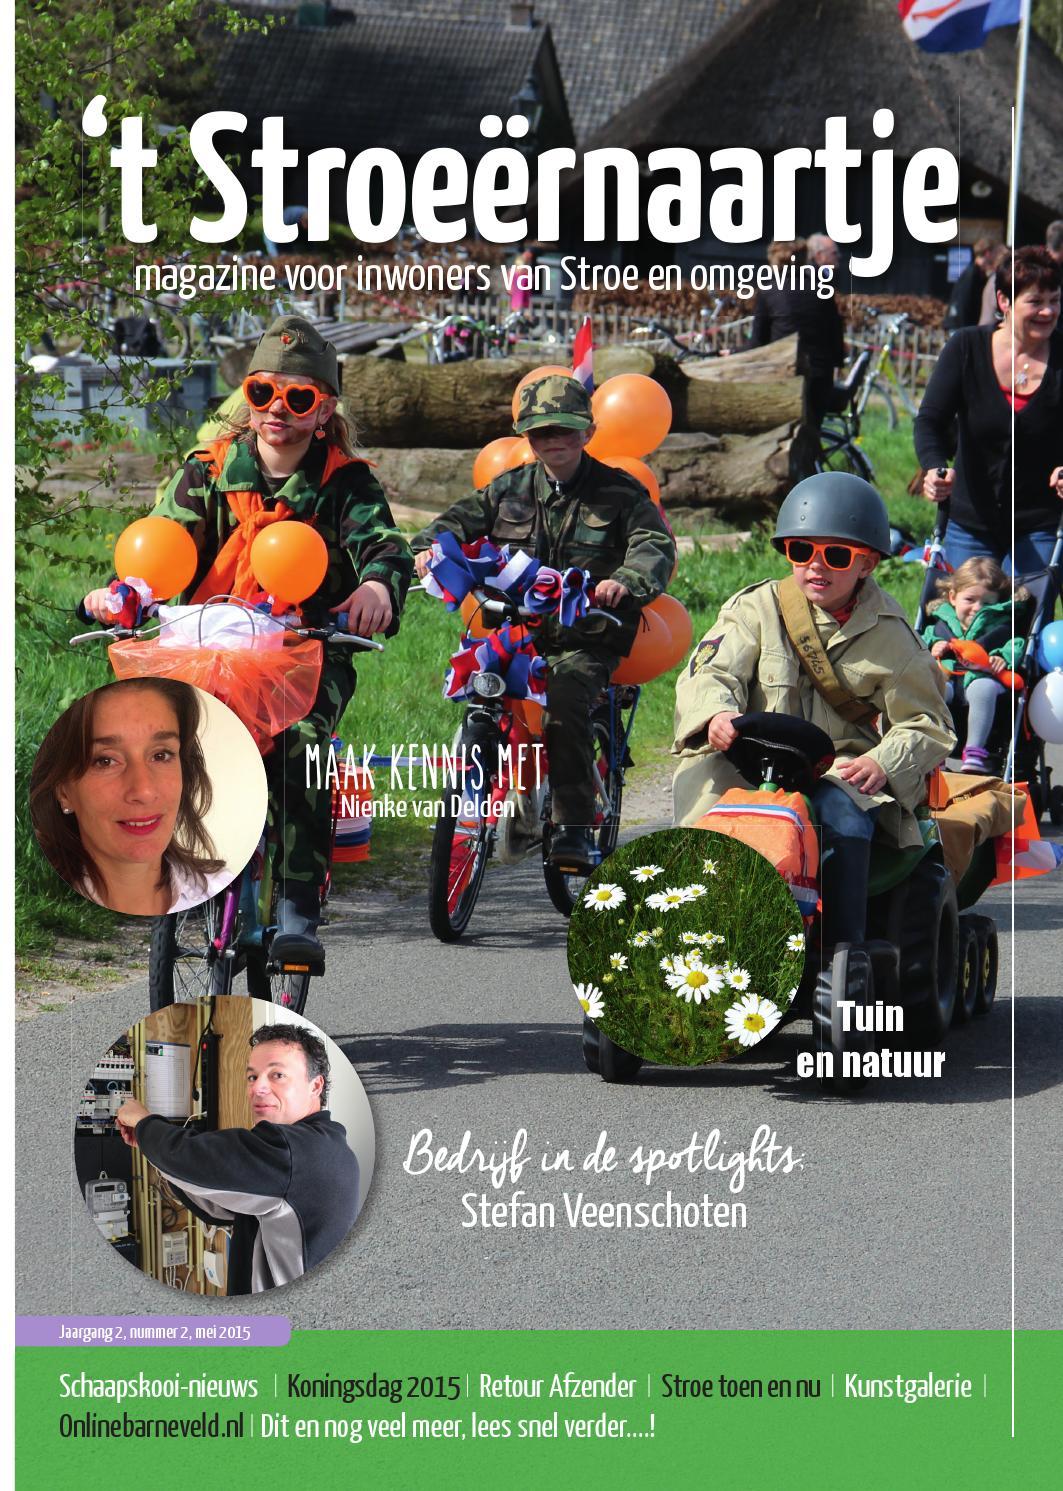 Stroeernaartje editie 2 2015 by stroeernaartje   issuu